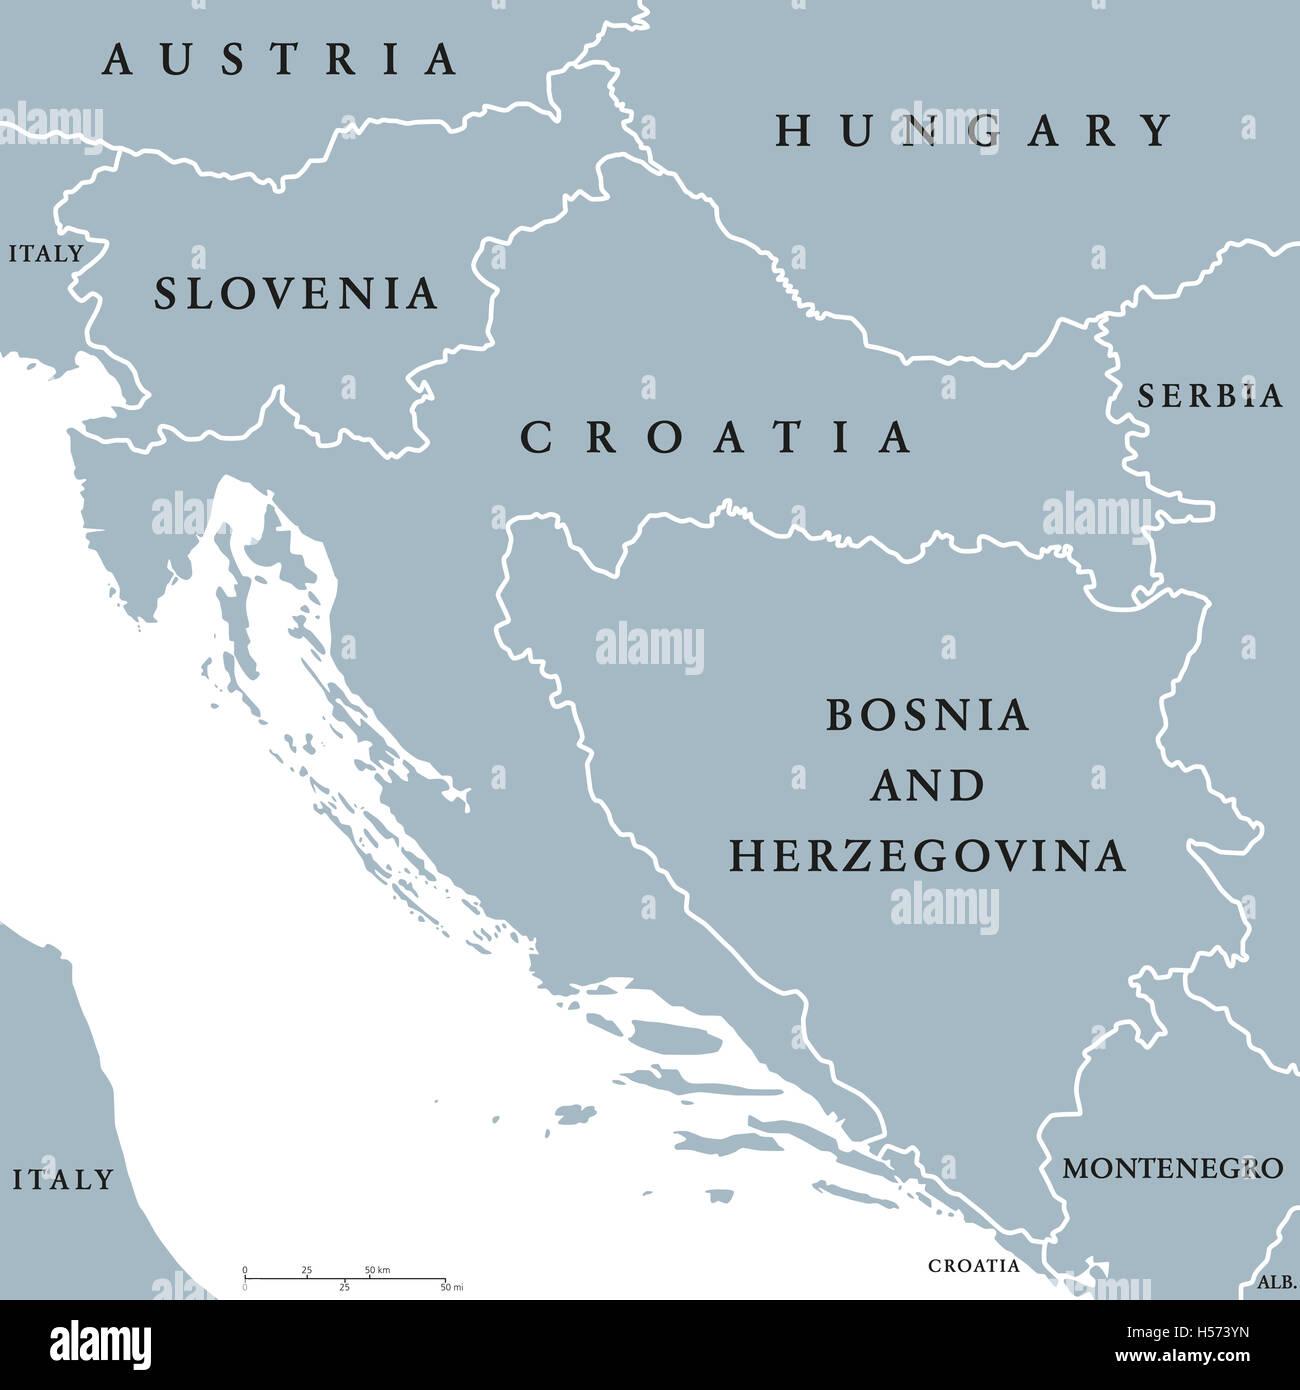 Croazia E Slovenia Cartina Geografica.Paesi Balcanici Mappa Politico Con I Confini Nazionali Paesi Dei Balcani Occidentali Formata Dalla Slovenia Croazia E Bosnia Erzegovina Foto Stock Alamy